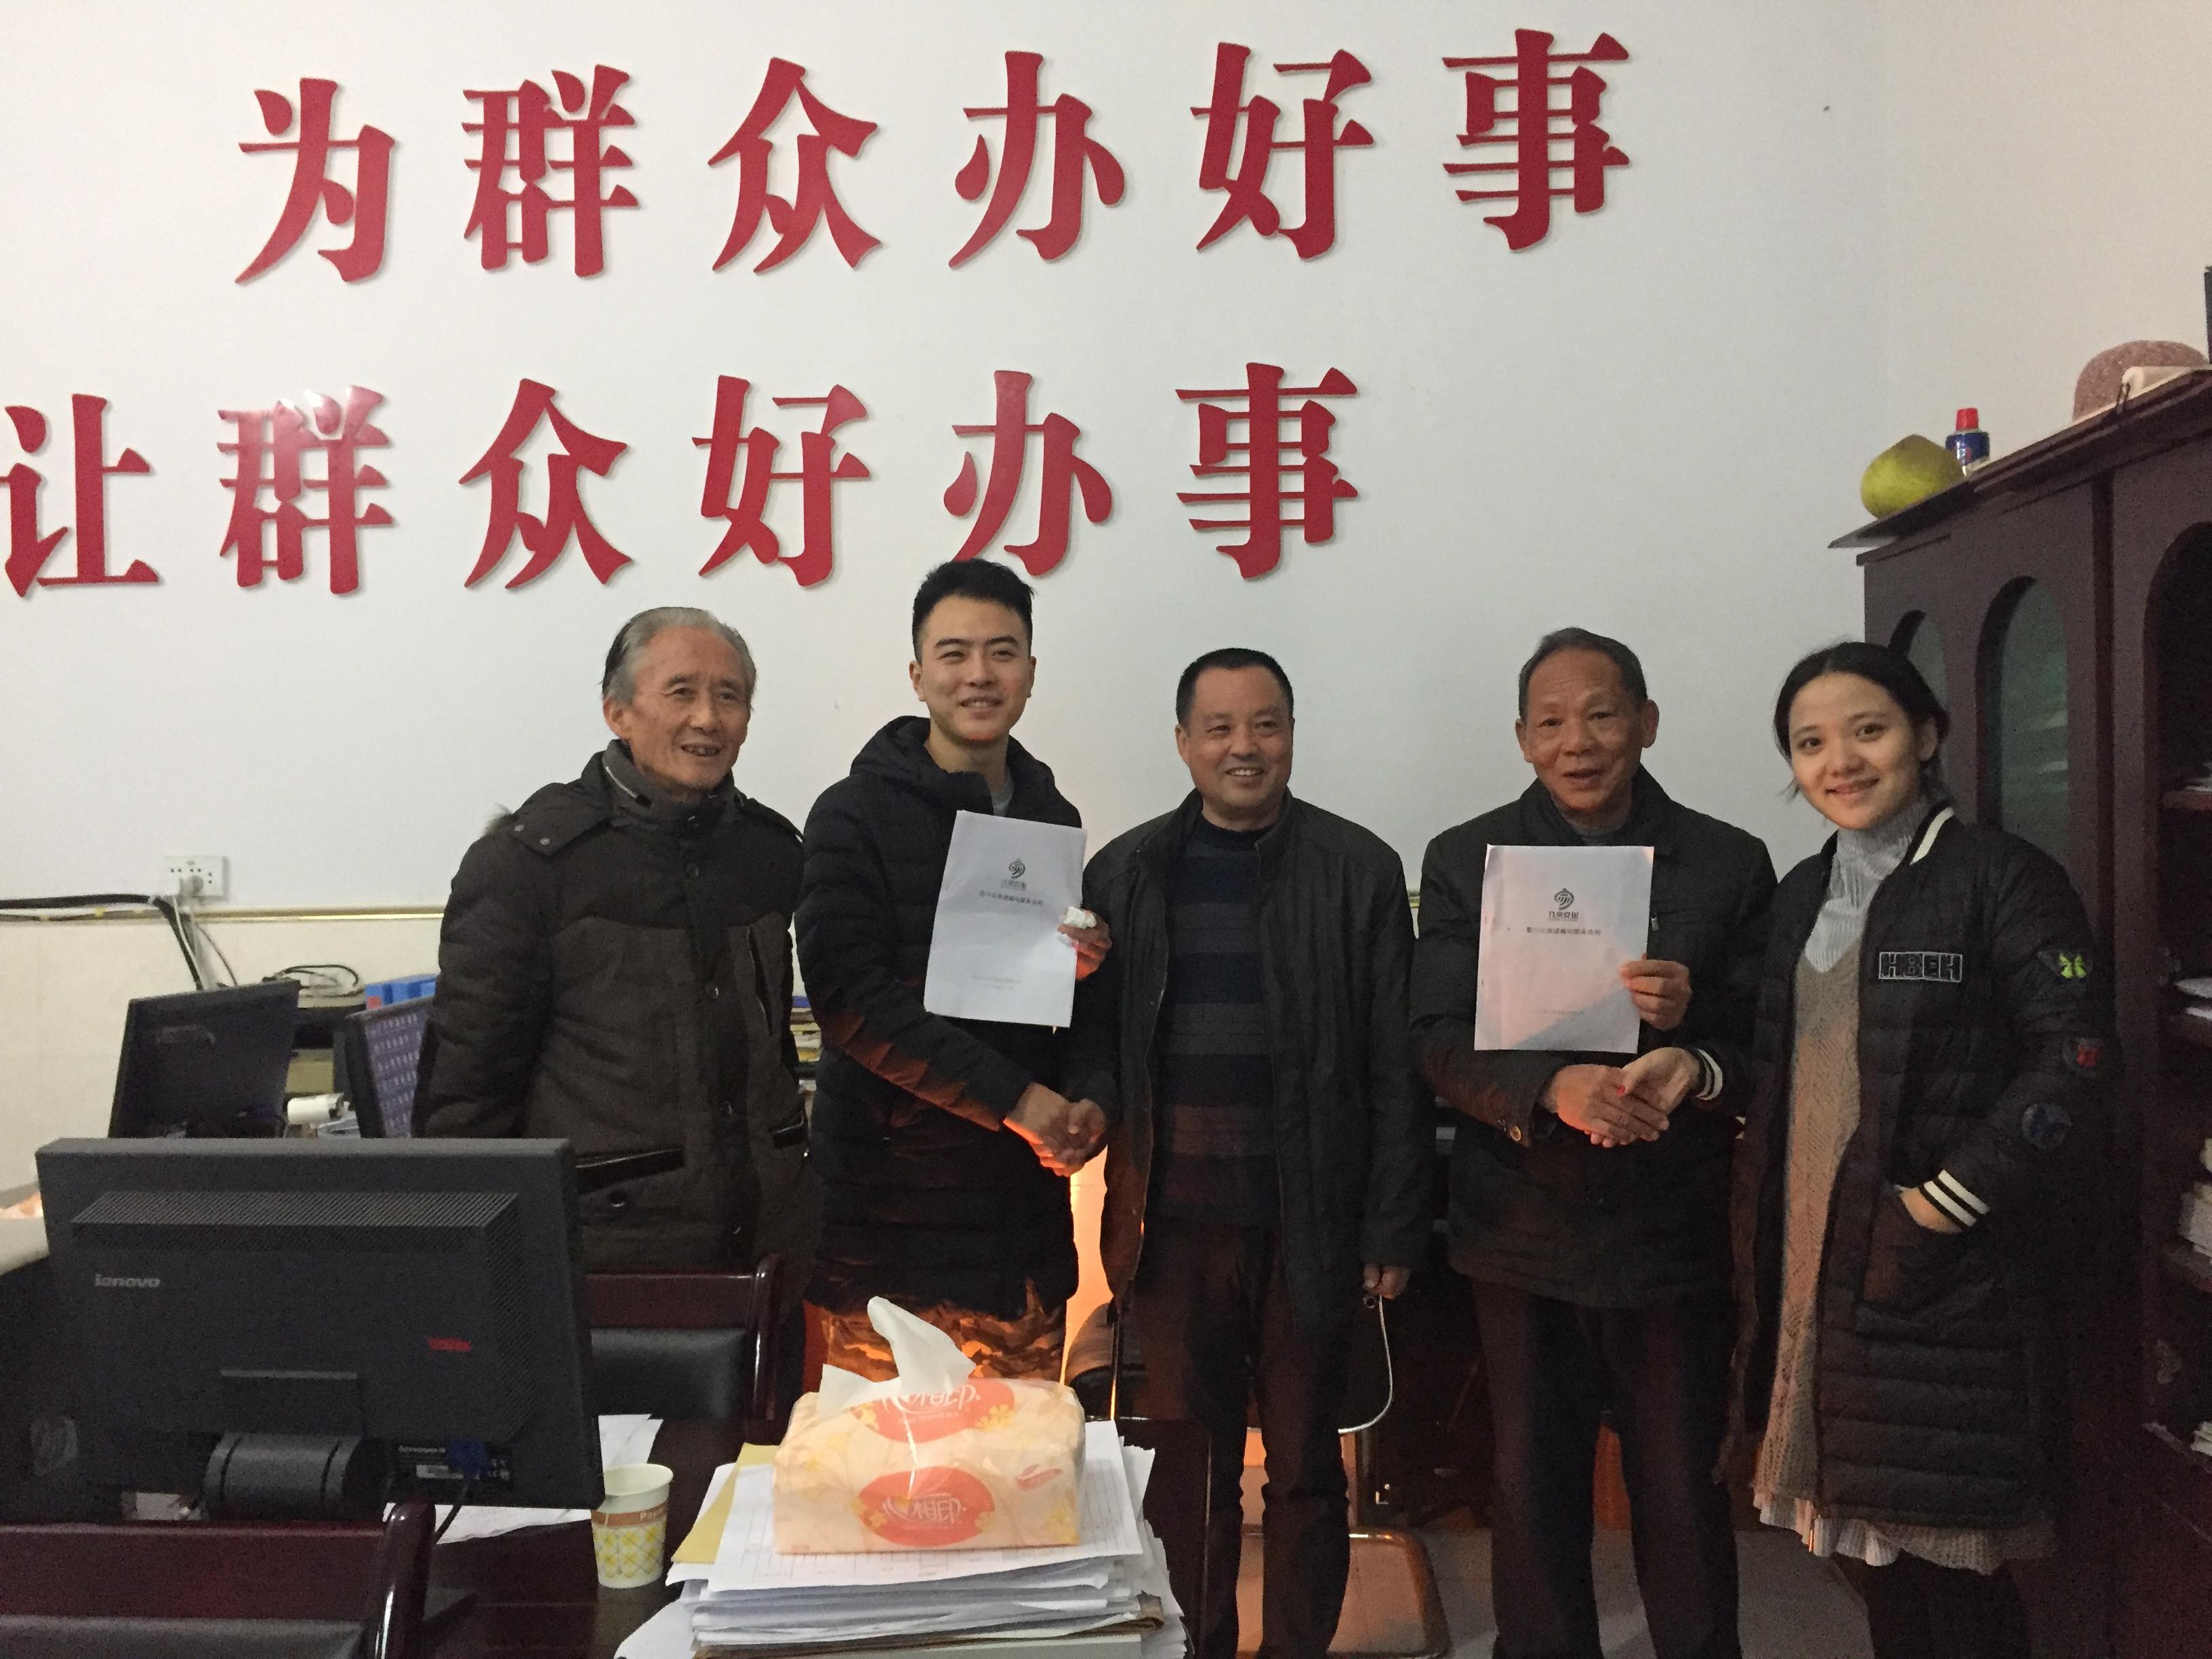 热烈祝贺重庆市梁平区荫平镇杨氏家族与九亲文化签订家谱编修合作协议!